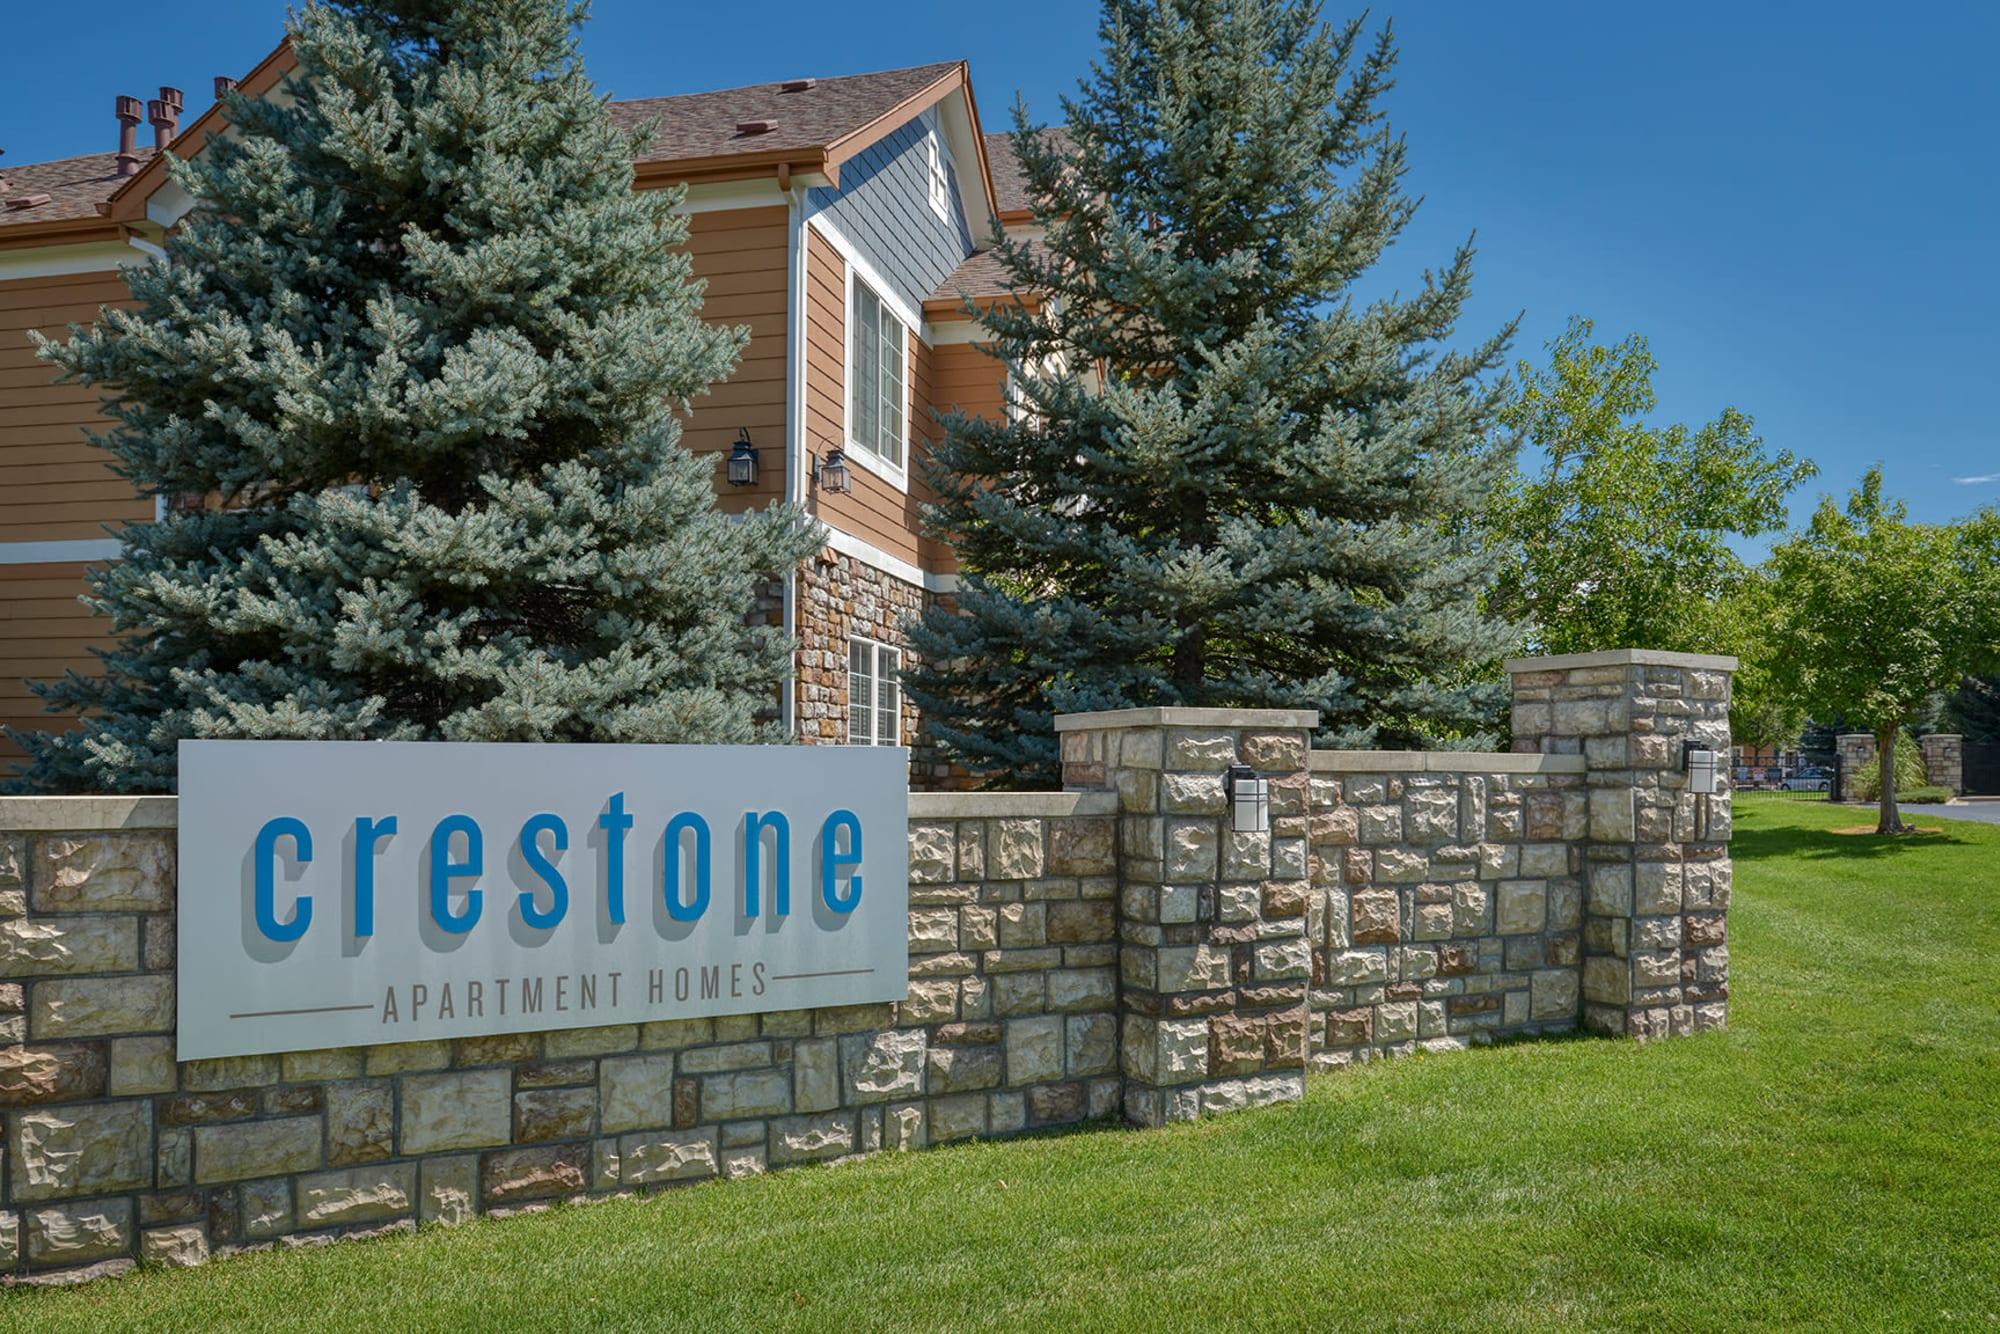 Monument Sign at Crestone Apartments in Aurora, Colorado